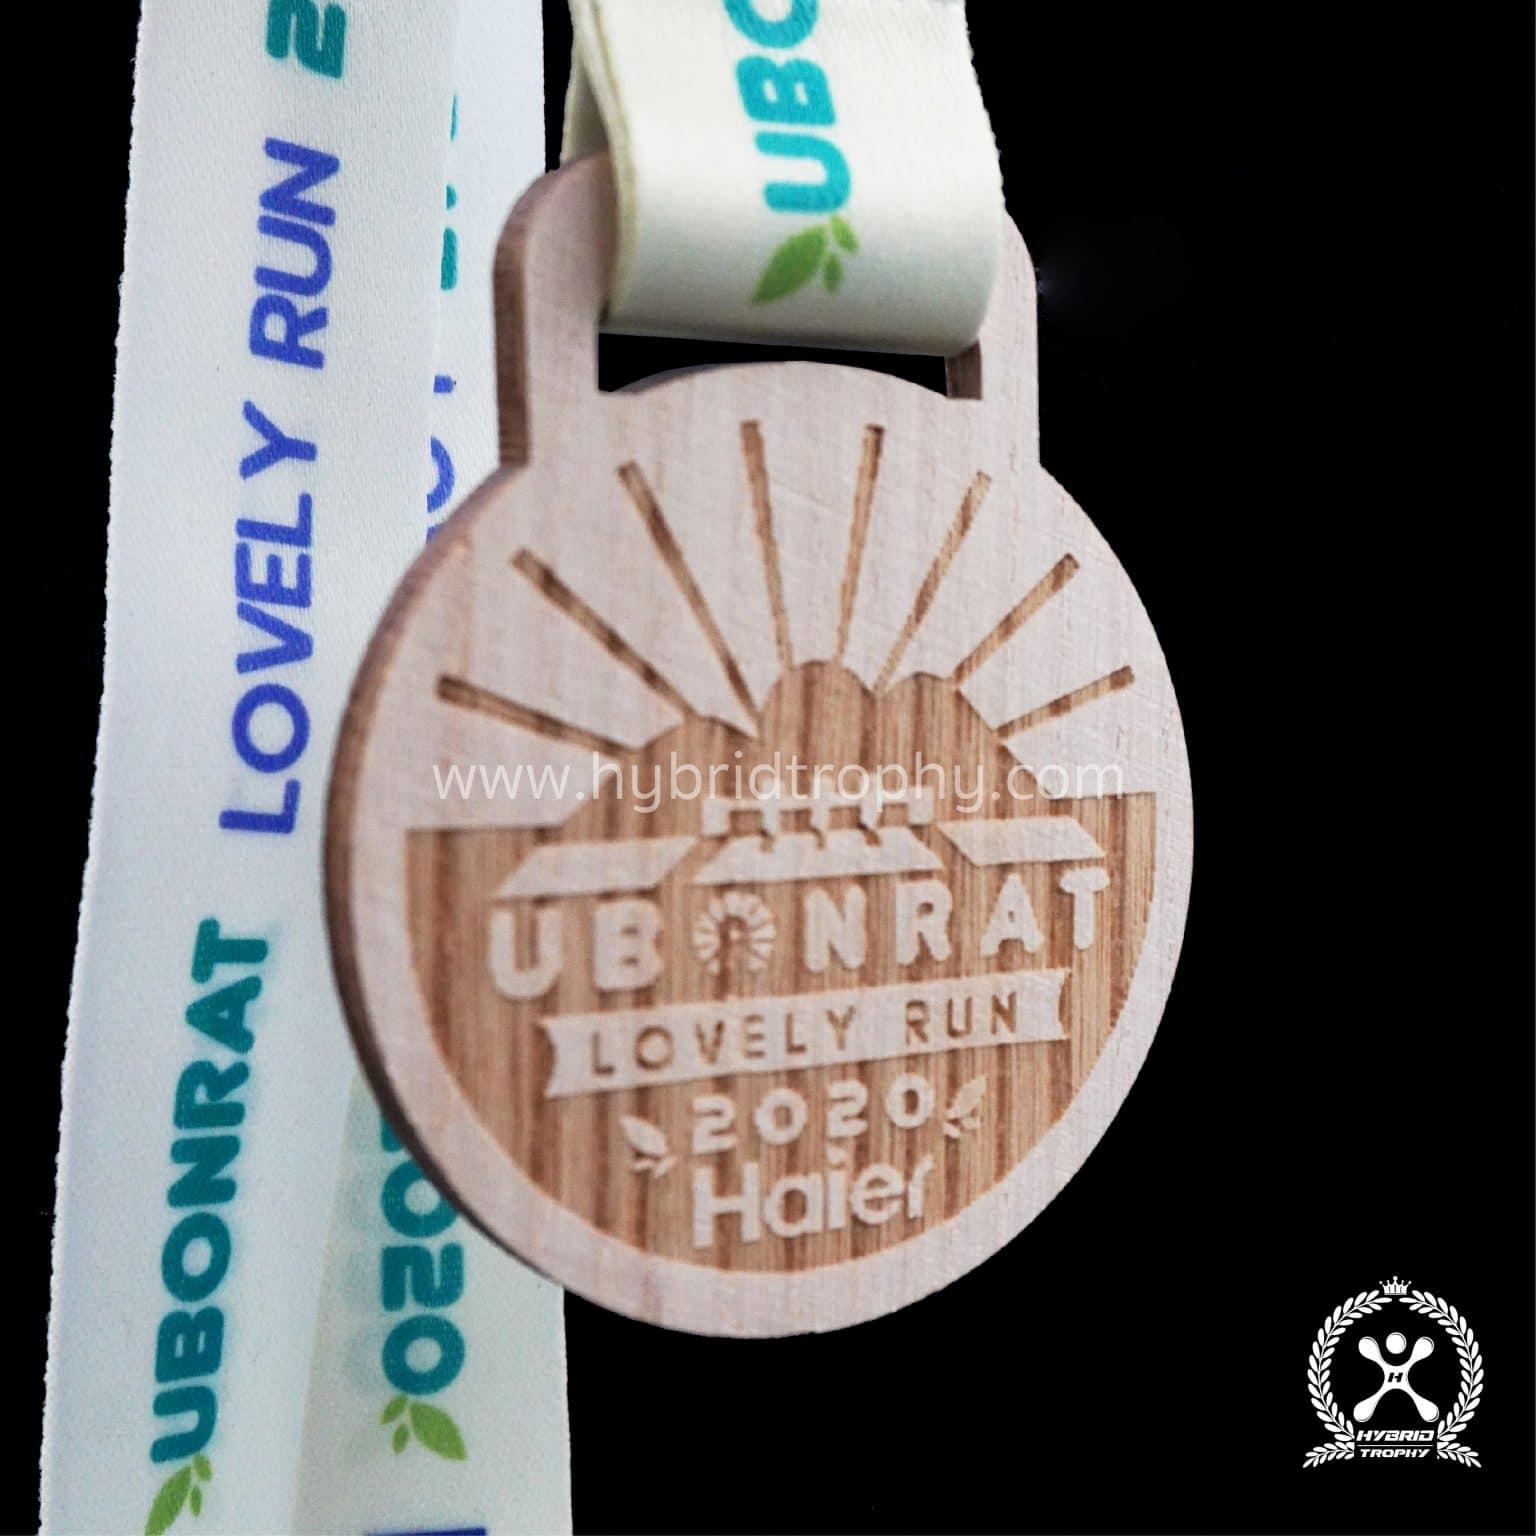 Ubonrat 03 - รับผลิตเหรียญรางวัล โล่รางวัล ถ้วยรางวัล